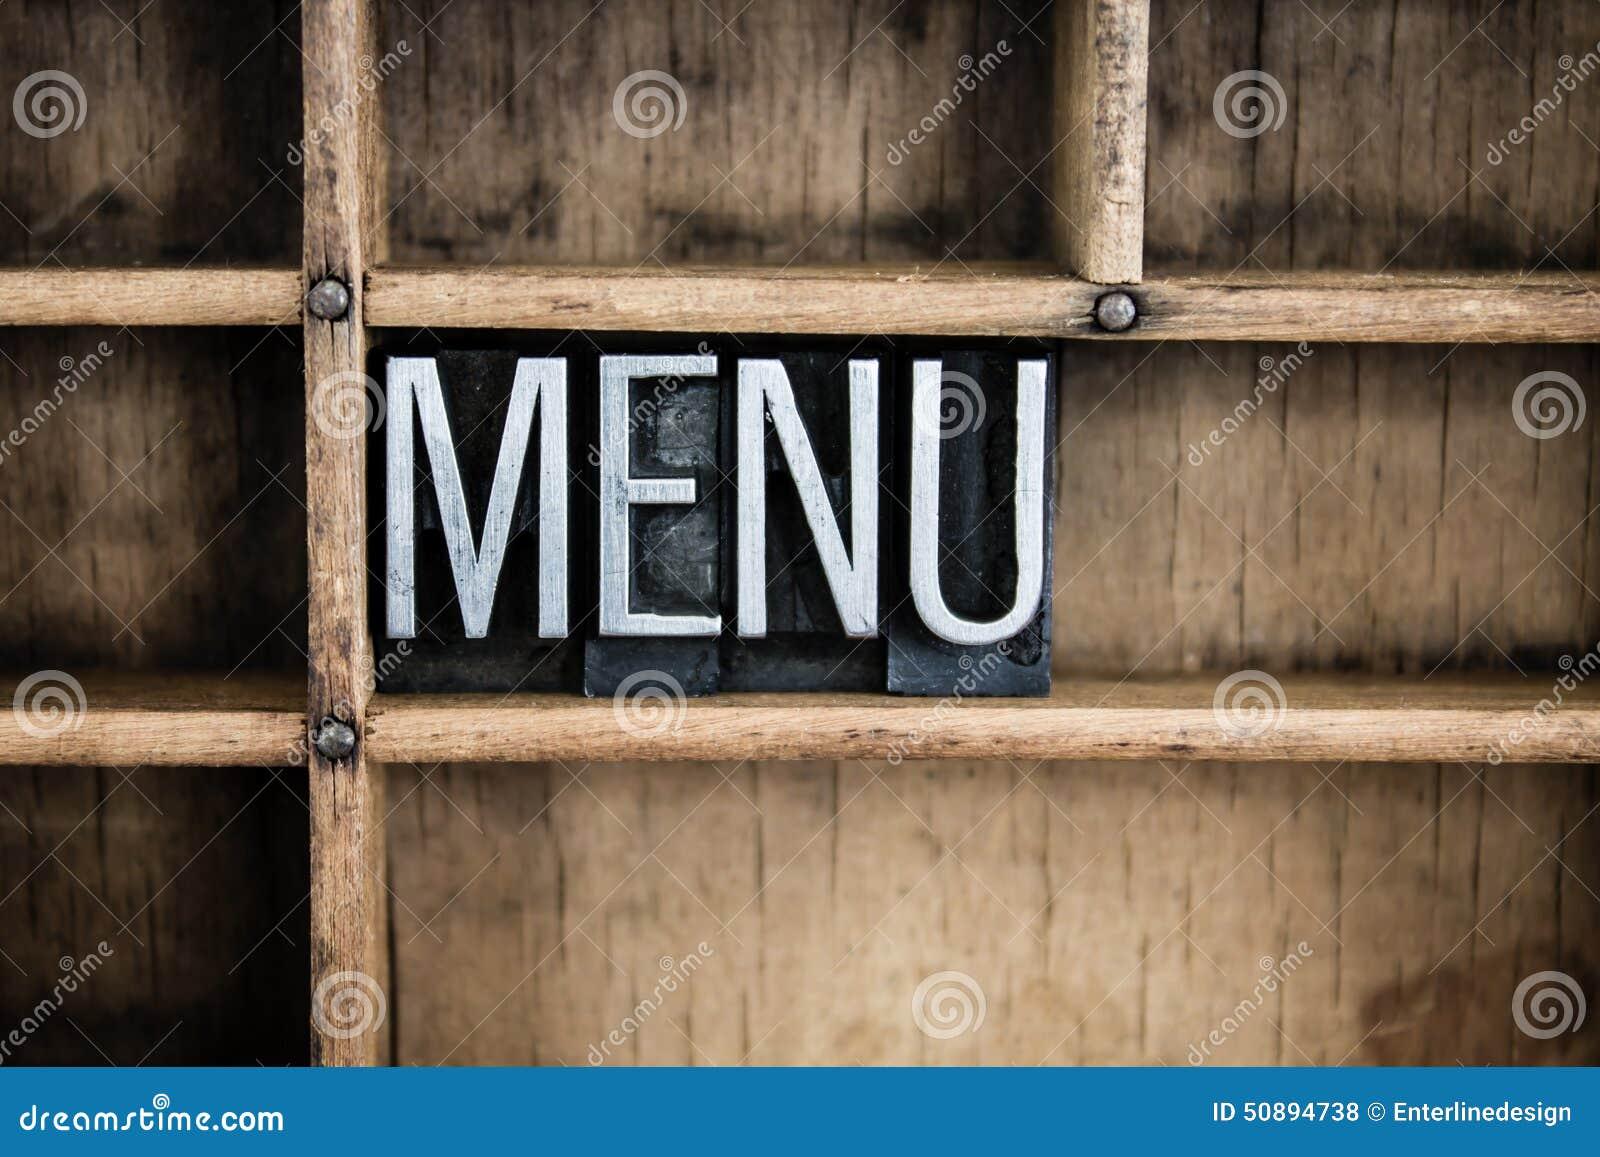 Palavra da tipografia do metal do conceito do menu na gaveta